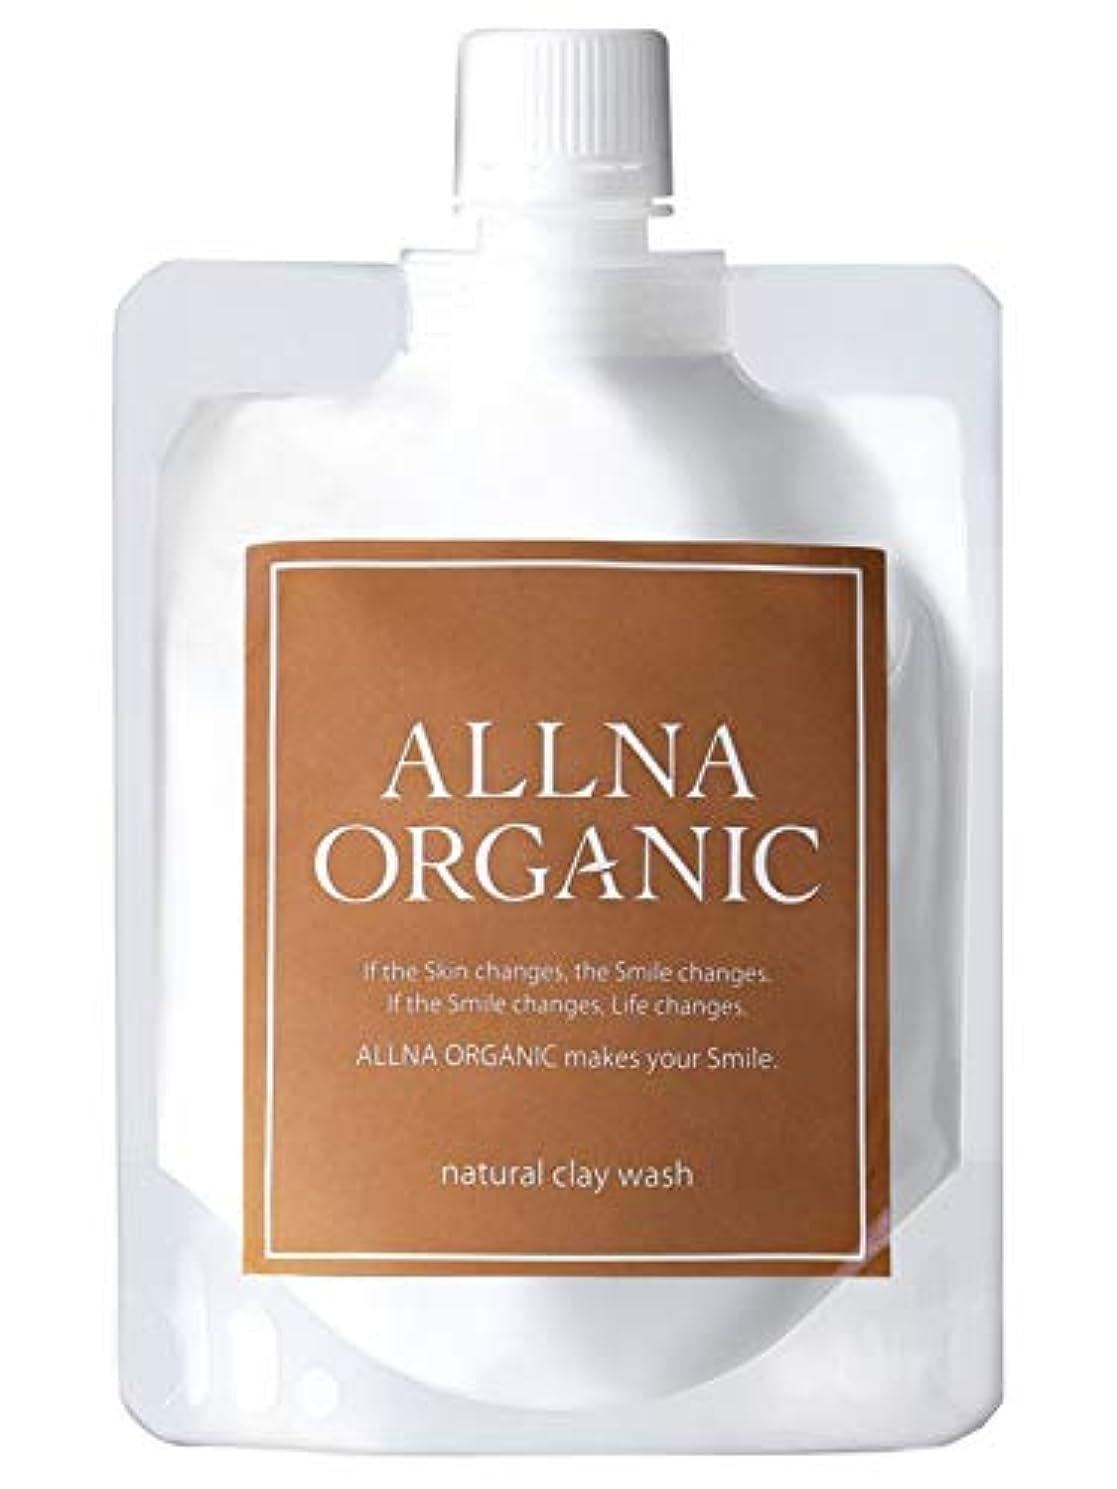 趣味告発ダルセットオルナ オーガニック 泥 洗顔 「 毛穴 開き 黒ずみ 用」「 泡 ネット 付き」「 コラーゲン 3種類 + ヒアルロン酸 4種類 + ビタミンC 4種類 + セラミド 配合」 130g